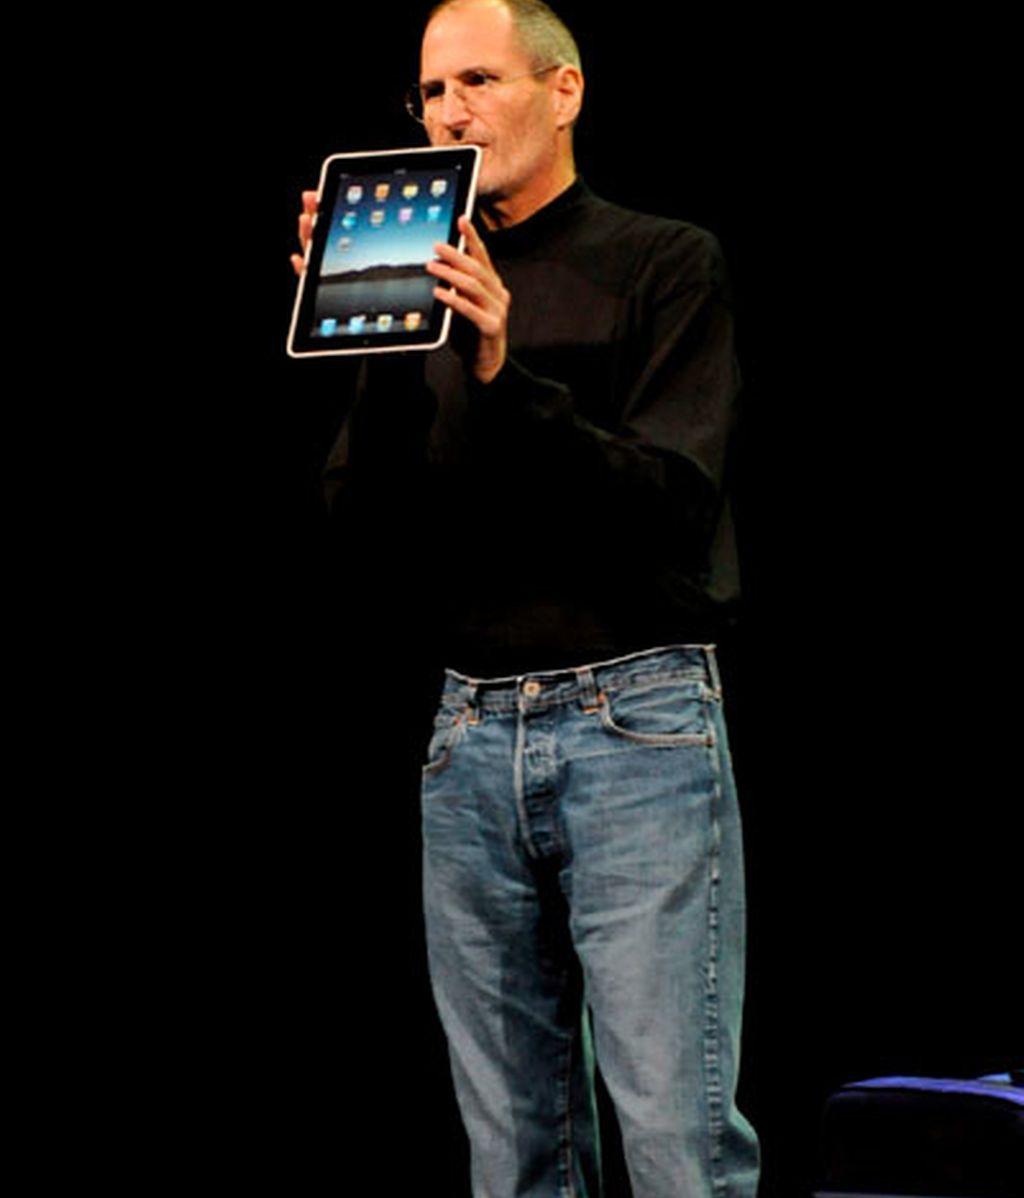 El 'iPad', en imágenes